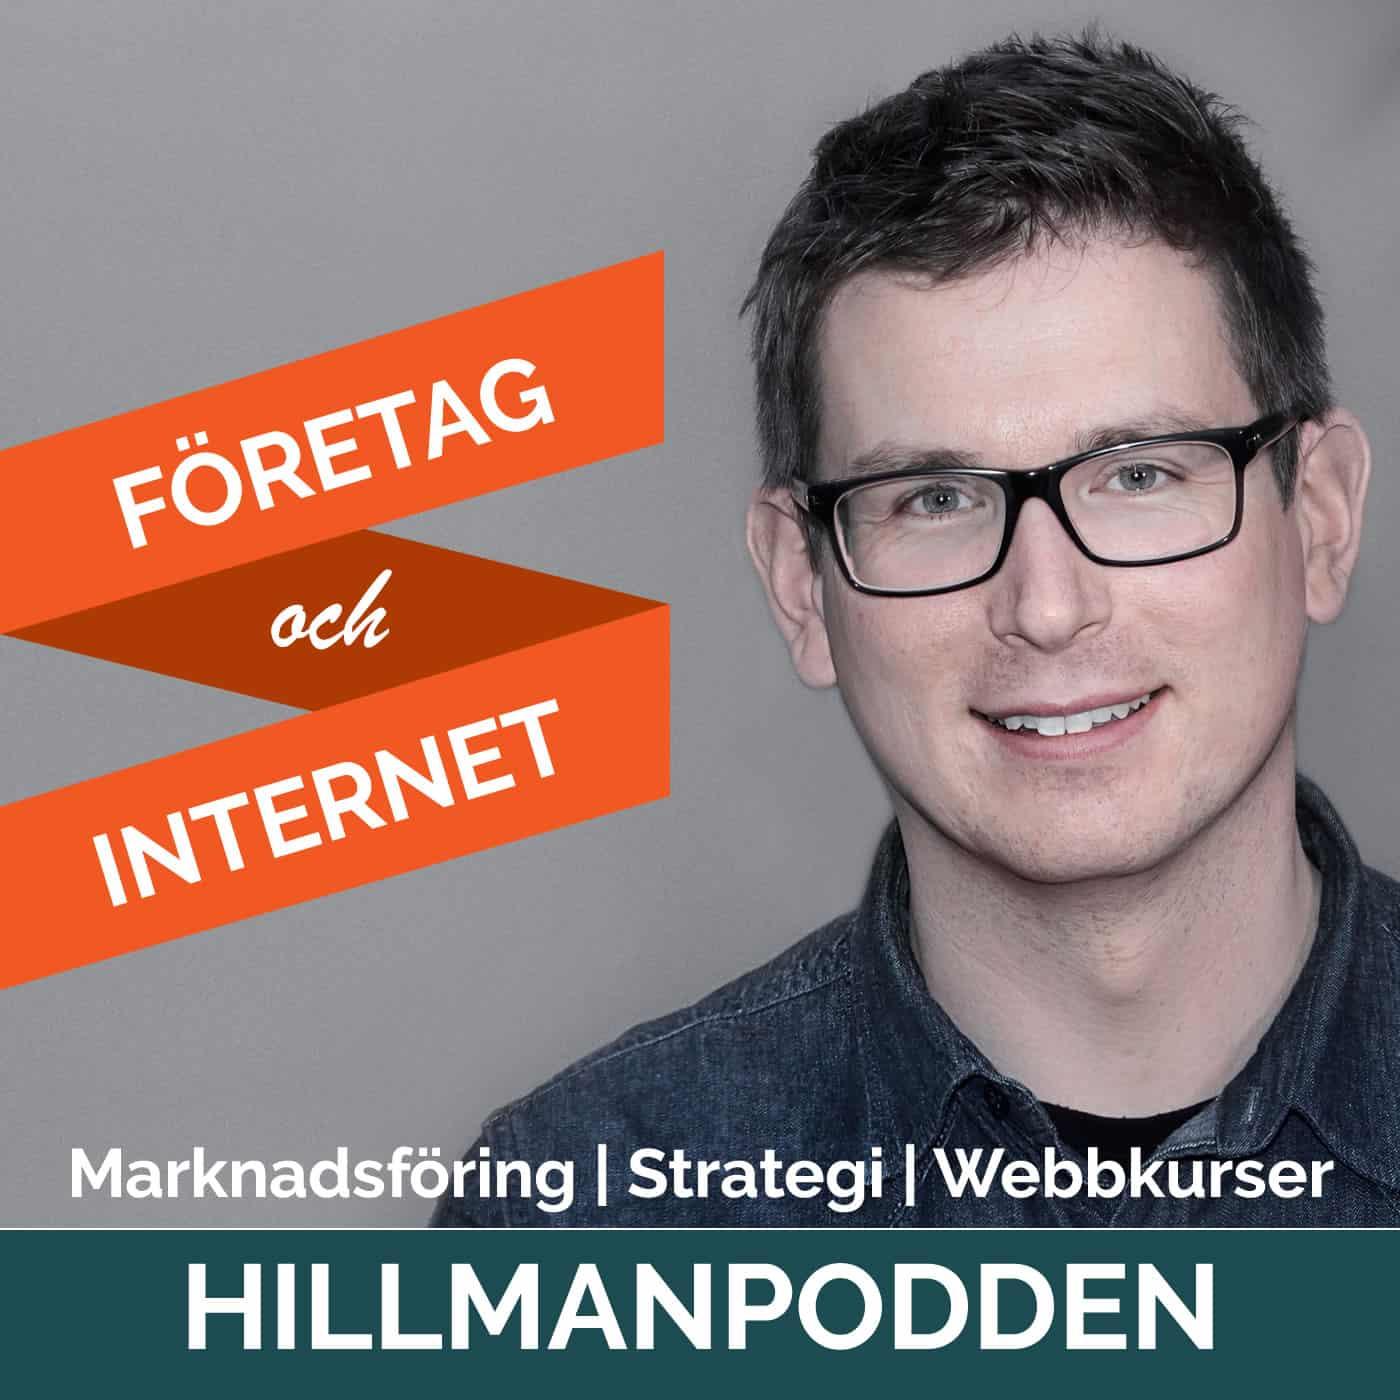 Hillman Podden: Företag och internet | Webbkurser | Digital Marknadsföring | Greger Hillman